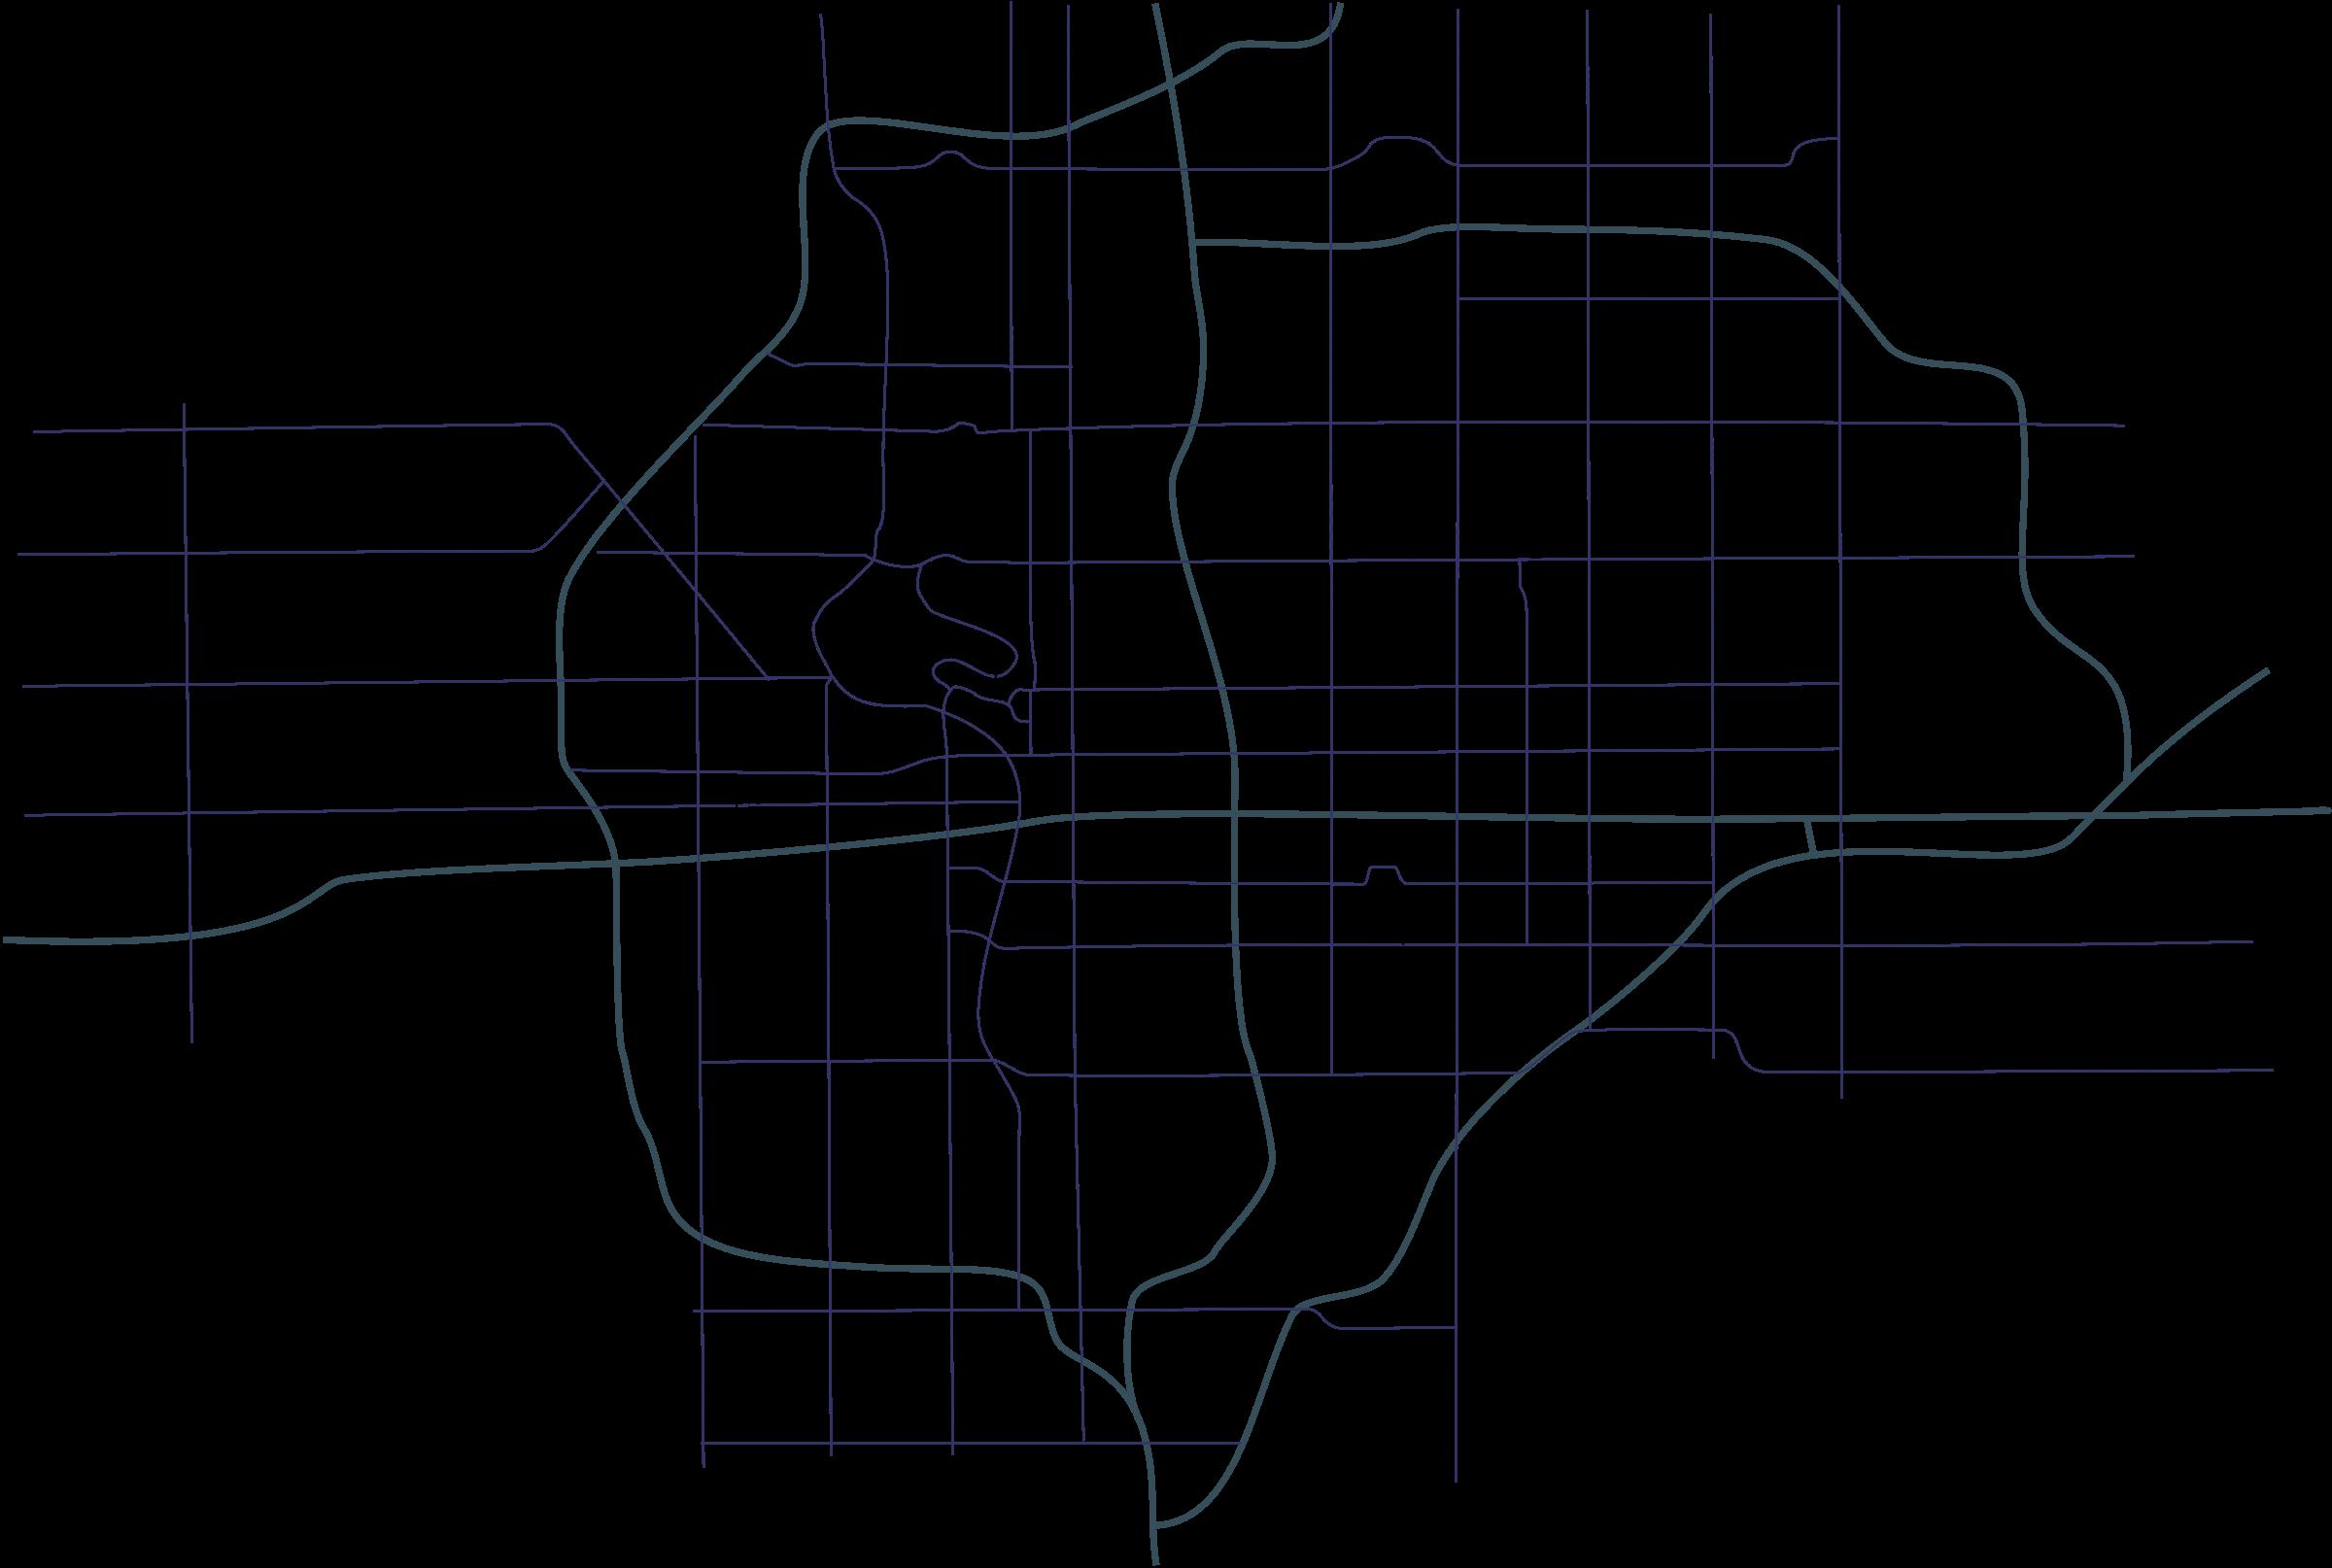 Wichita Maps And Orientation Wichita Kansas KS USA Wichita Kansas - Transparent us map